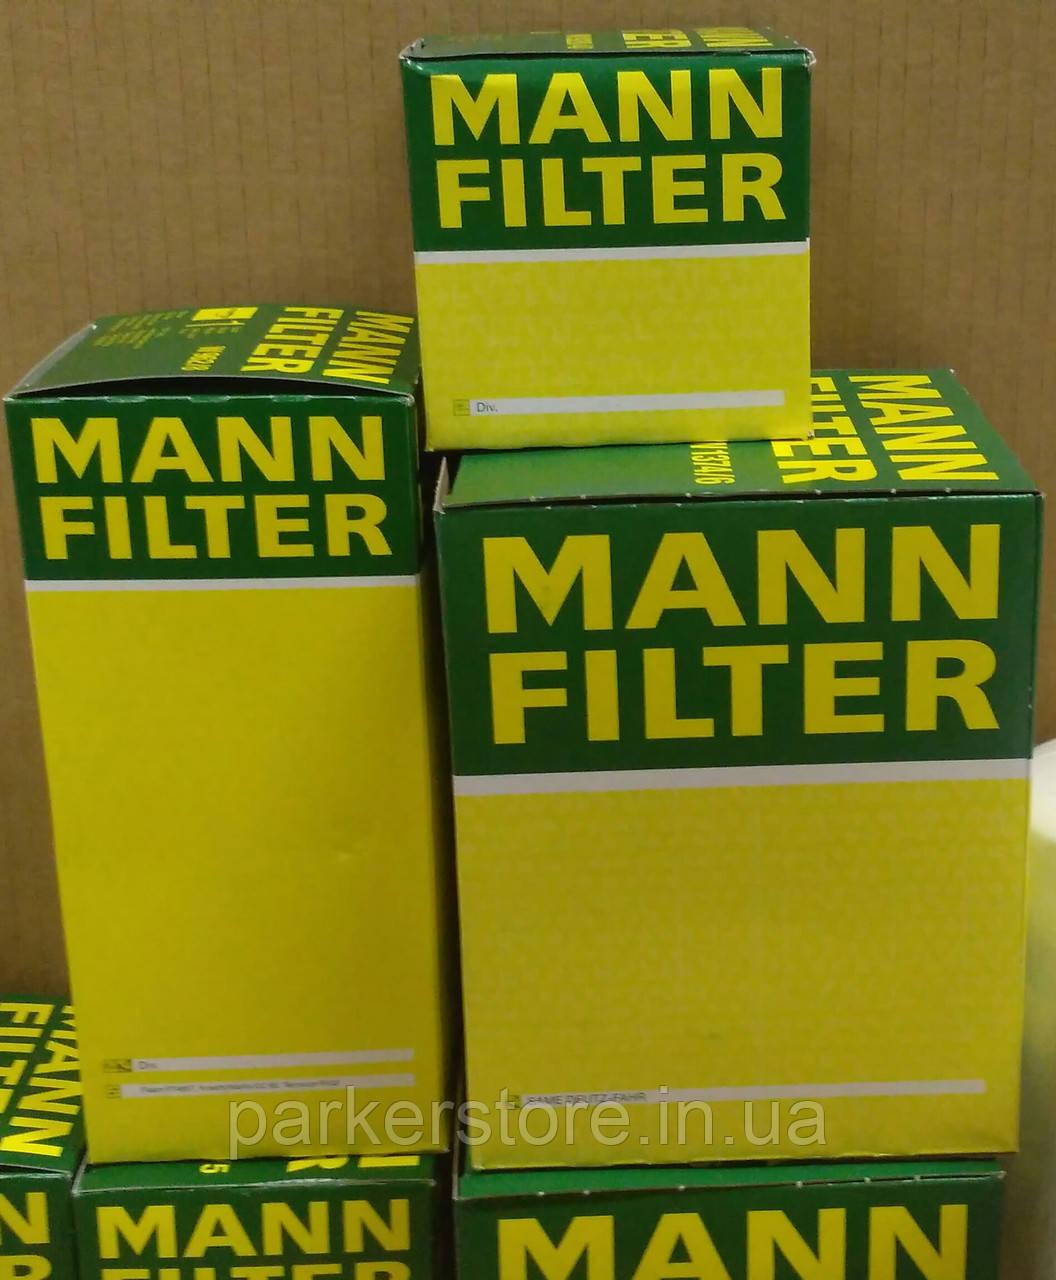 MANN FILTER / Повітряний фільтр / C 16 007 / C16007